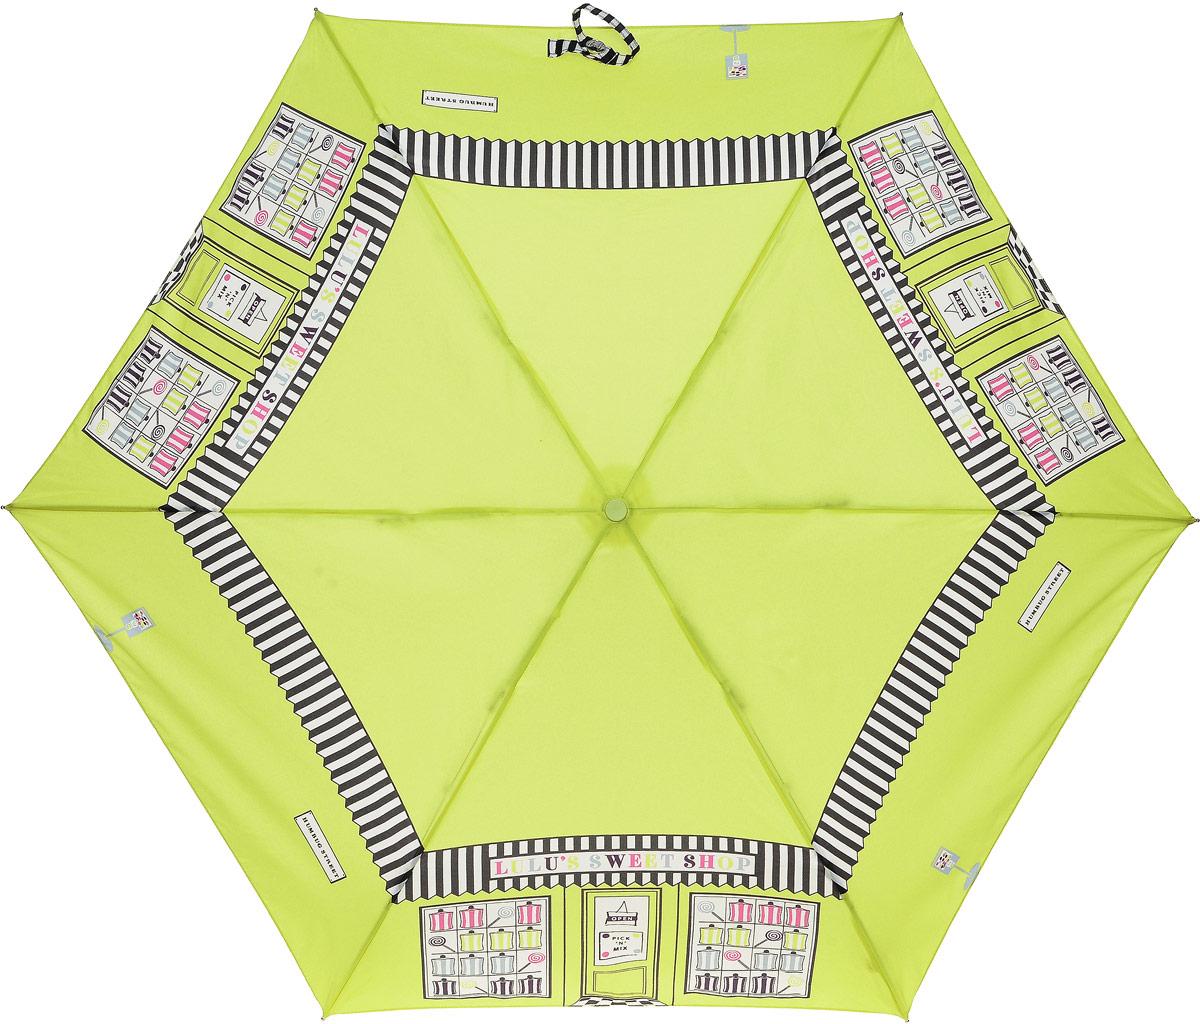 Зонт женский Lulu Guinness Superslim, механический, 3 сложения, цвет: черный, белый, салатовый. L718-27888L035081M/35449/2900NСтильный механический зонт Lulu Guinness Superslim в 3 сложения даже в ненастную погоду позволит вам оставаться элегантной. Облегченный каркас зонта выполнен из 6 спиц из фибергласса и алюминия, стержень также изготовлен из алюминия, удобная рукоятка - из пластика. Купол зонта изготовлен из прочного полиэстера и имеет оригинальный дизайн. В закрытом виде застегивается хлястиком на кнопку. Зонт механического сложения: купол открывается и закрывается вручную до характерного щелчка. К зонту прилагается чехол, который дополнительно застегивается на липучку.Такой зонт компактно располагается в глубоком кармане, сумочке, дверке автомобиля.